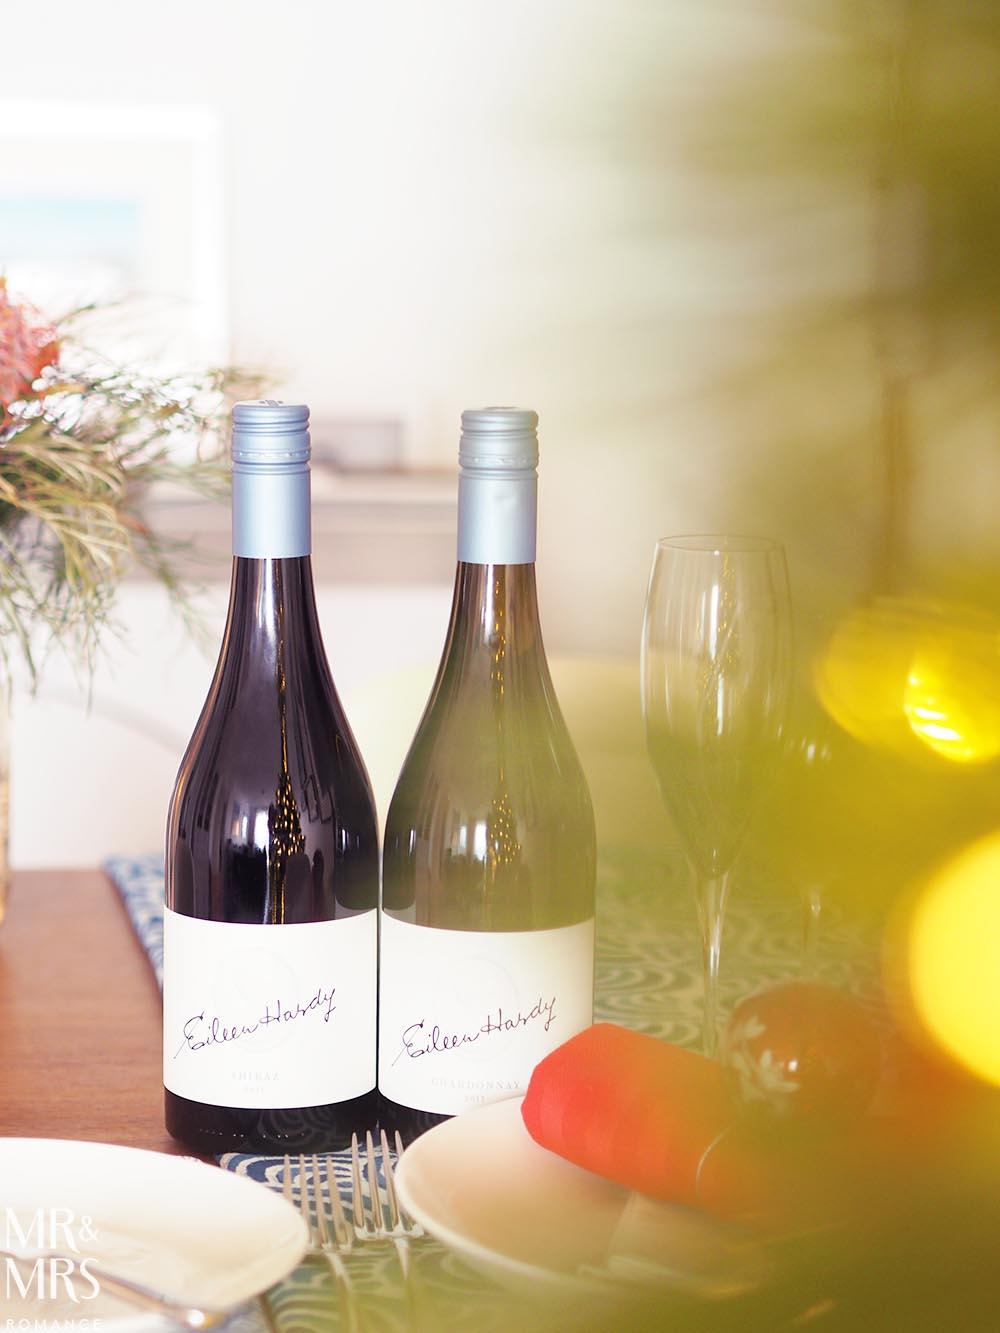 Christmas drinks list - Hardy's Eileen Hardy Chardonnay Hardy's Eileen Hardy Shiraz